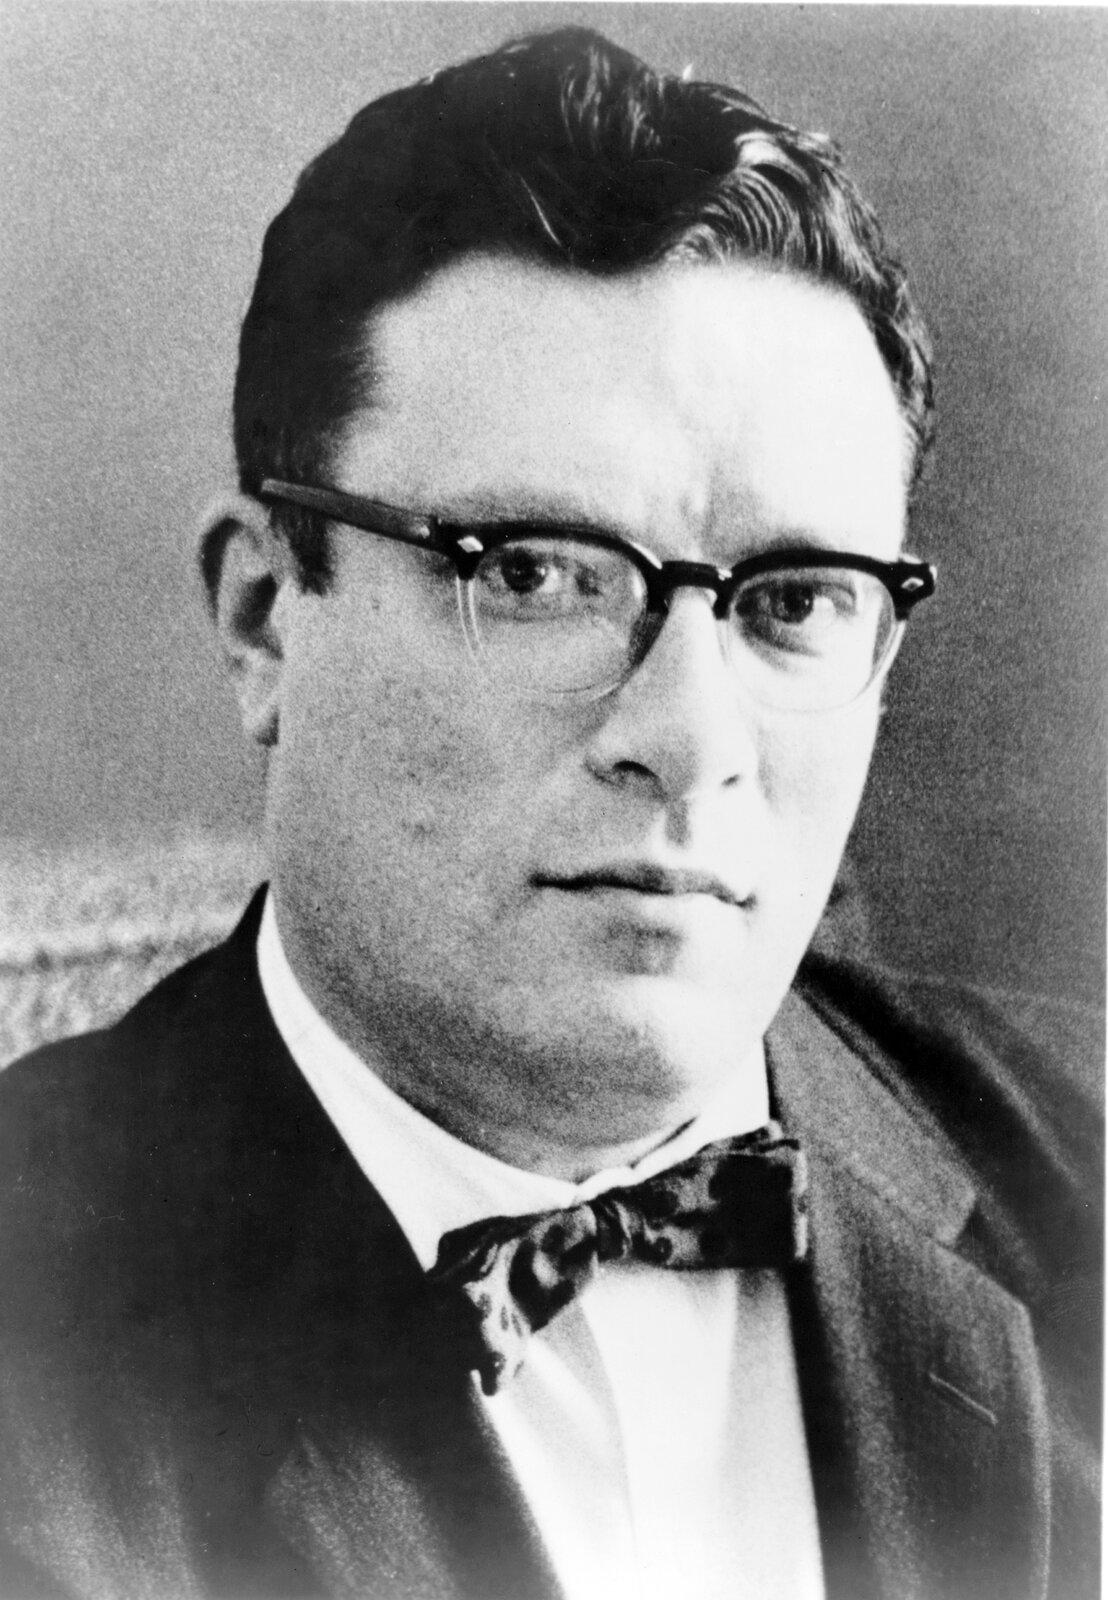 portret Isaaca Asimova Źródło: Phillip Leonian, portret Isaaca Asimova, 1965, domena publiczna.